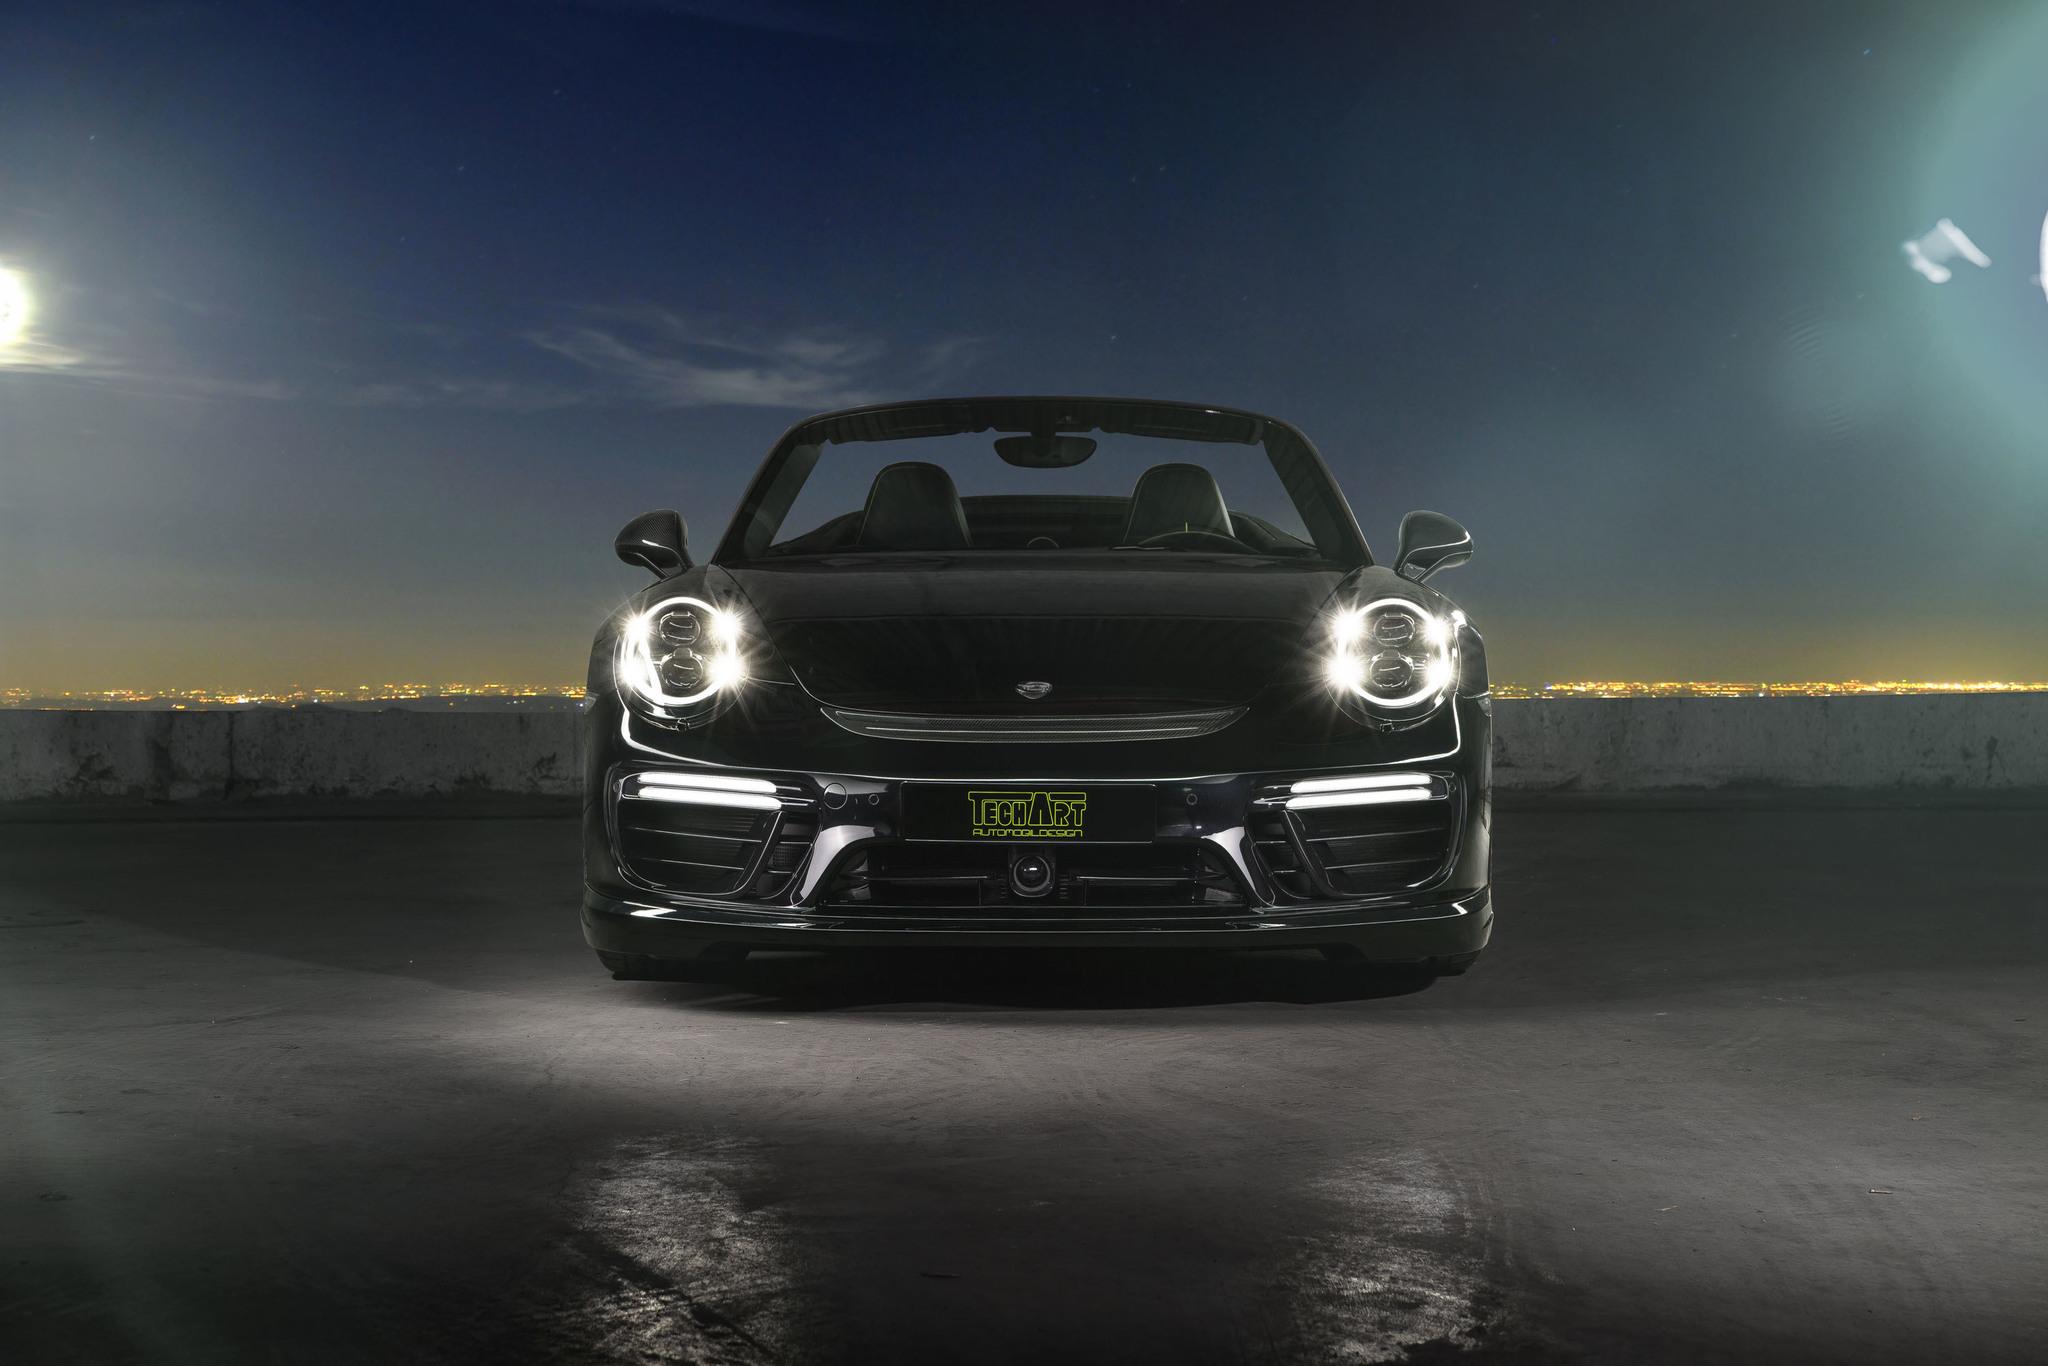 Techart Body kit for Porsche 911 Turbo